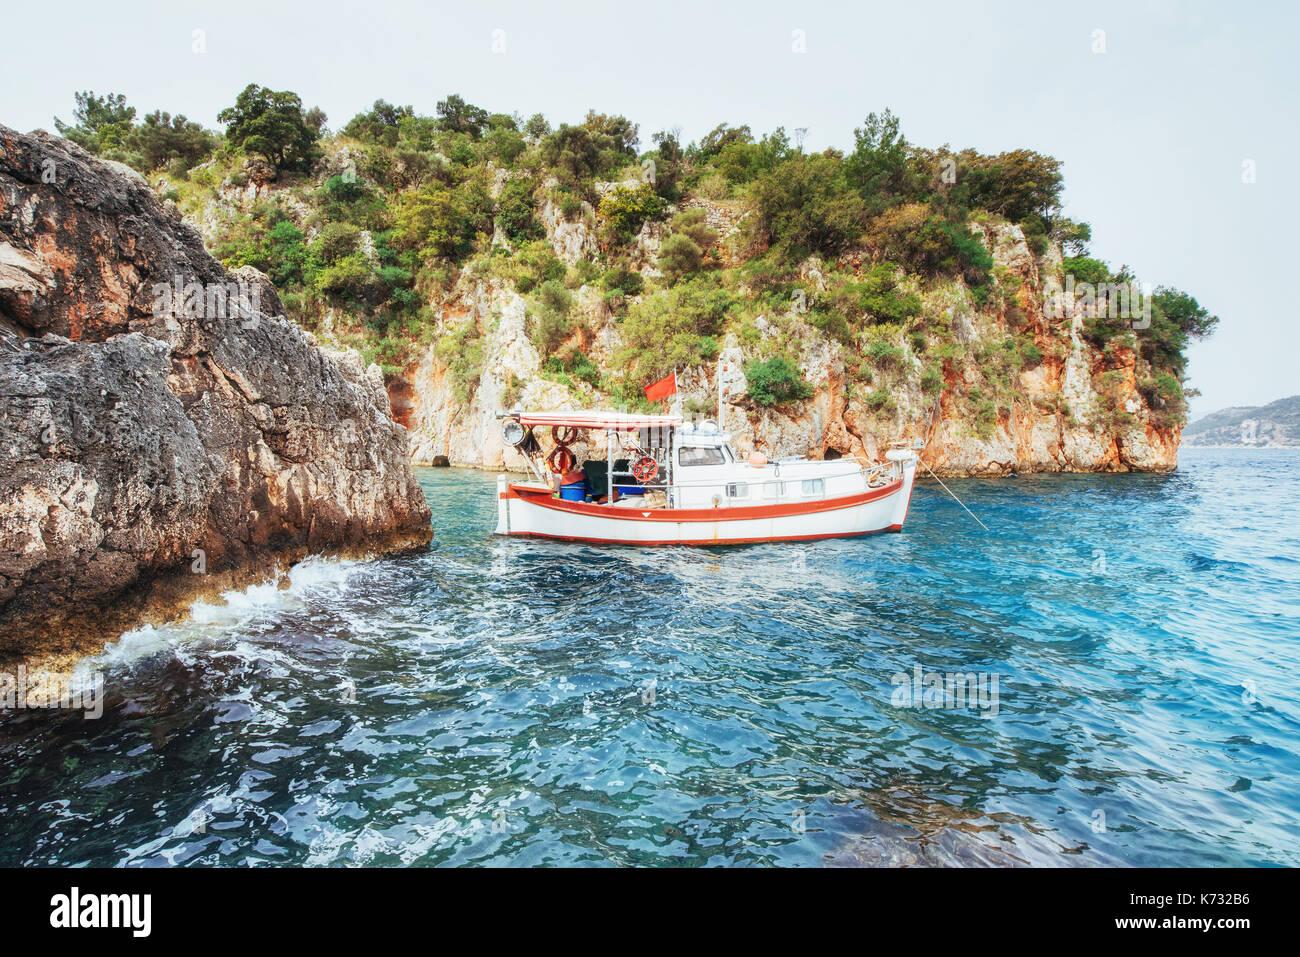 Vista panorámica sobre la costa marítima mundial de belleza. Imagen De Stock